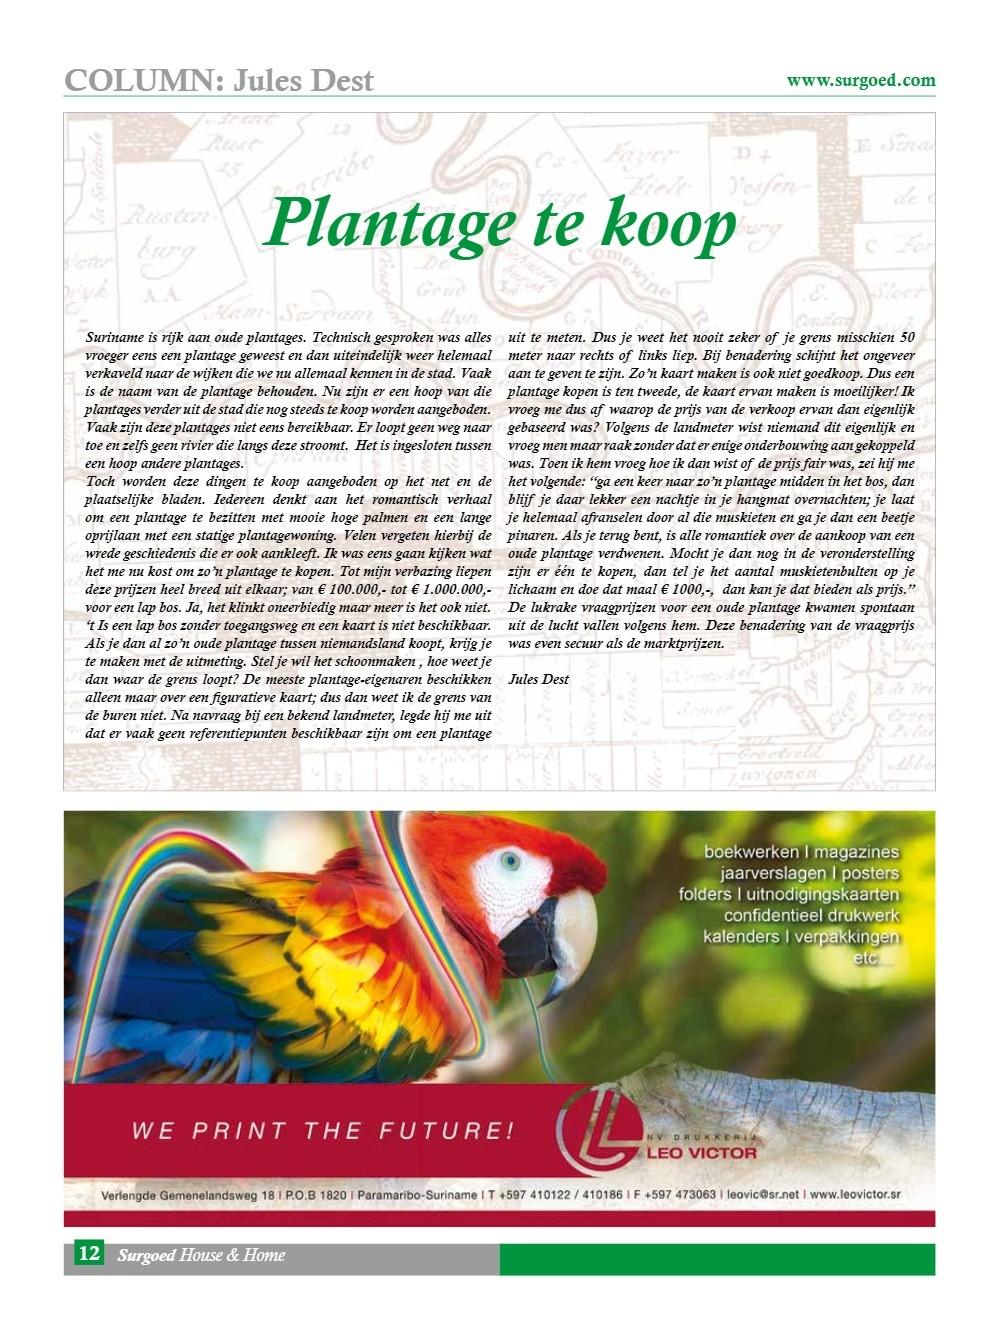 Plantage te koop